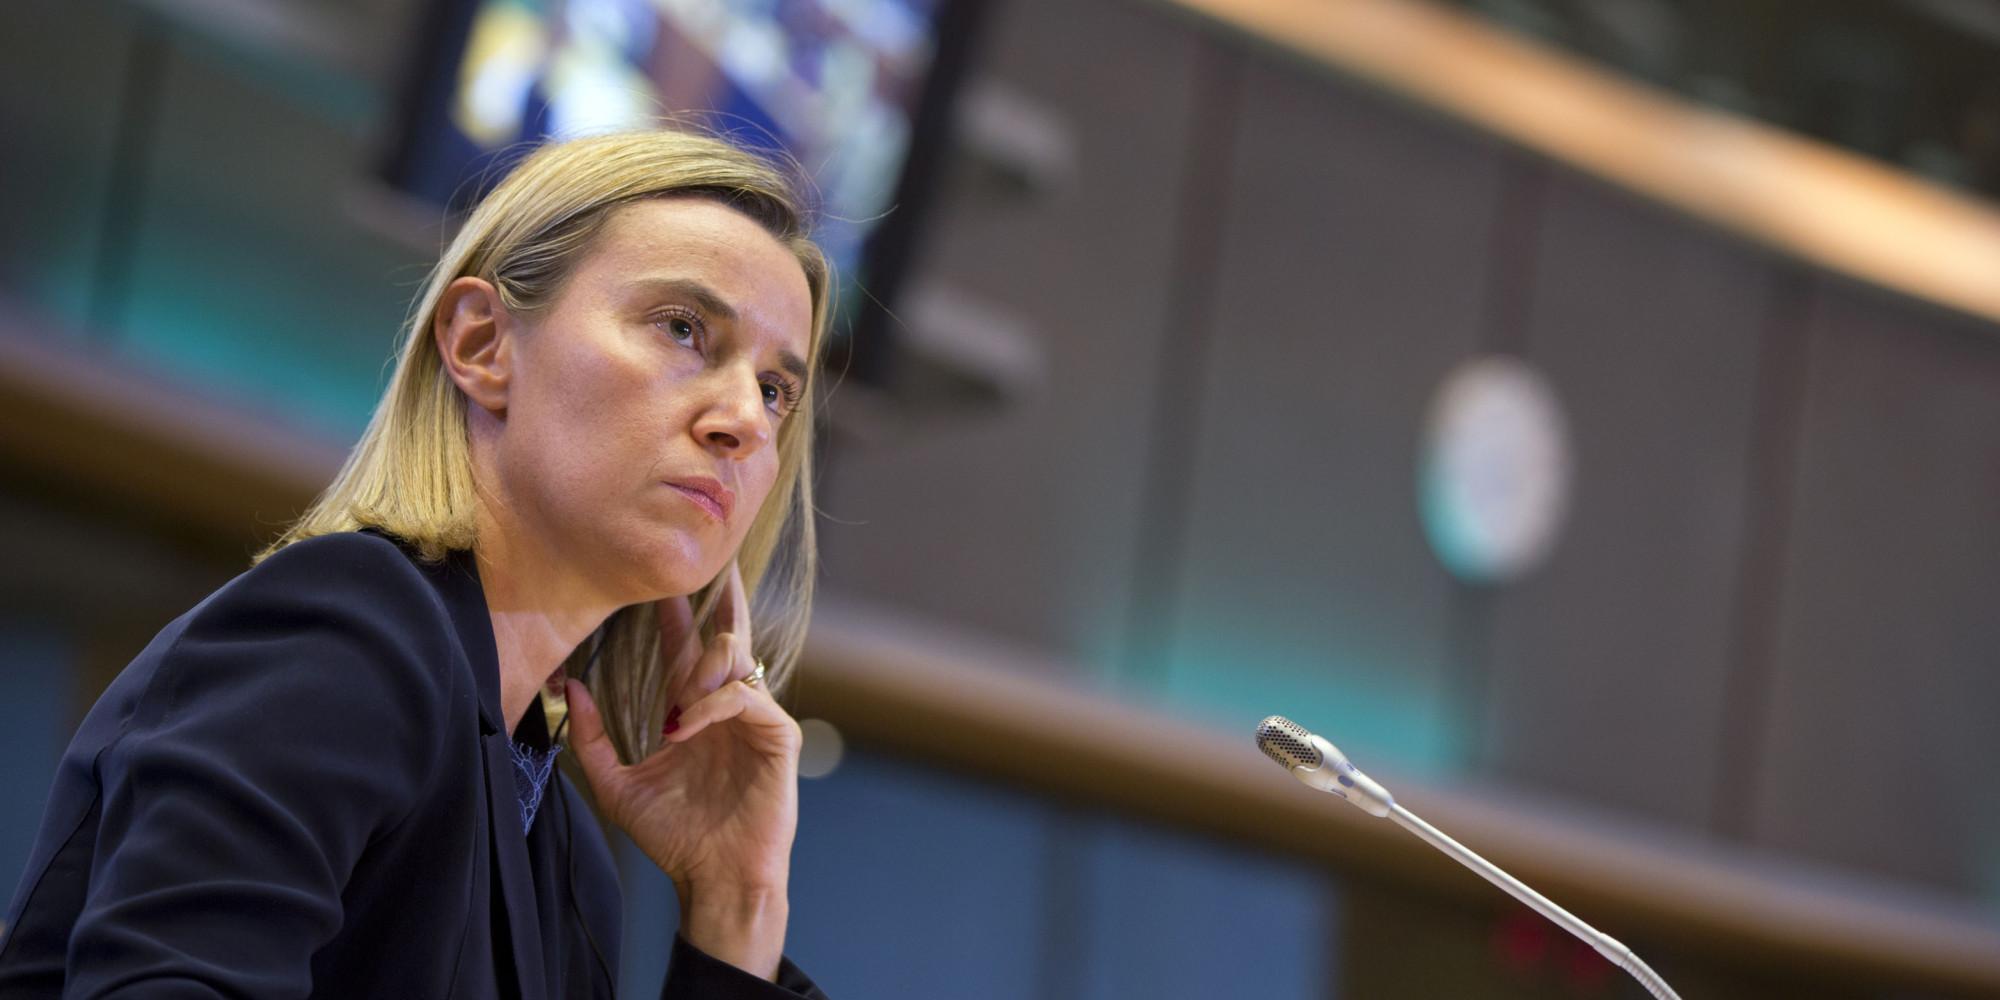 موغريني : الاتحاد الاوروبي سيبذل كل الجهود الممكنة للحفاظ على الاتفاق النووي